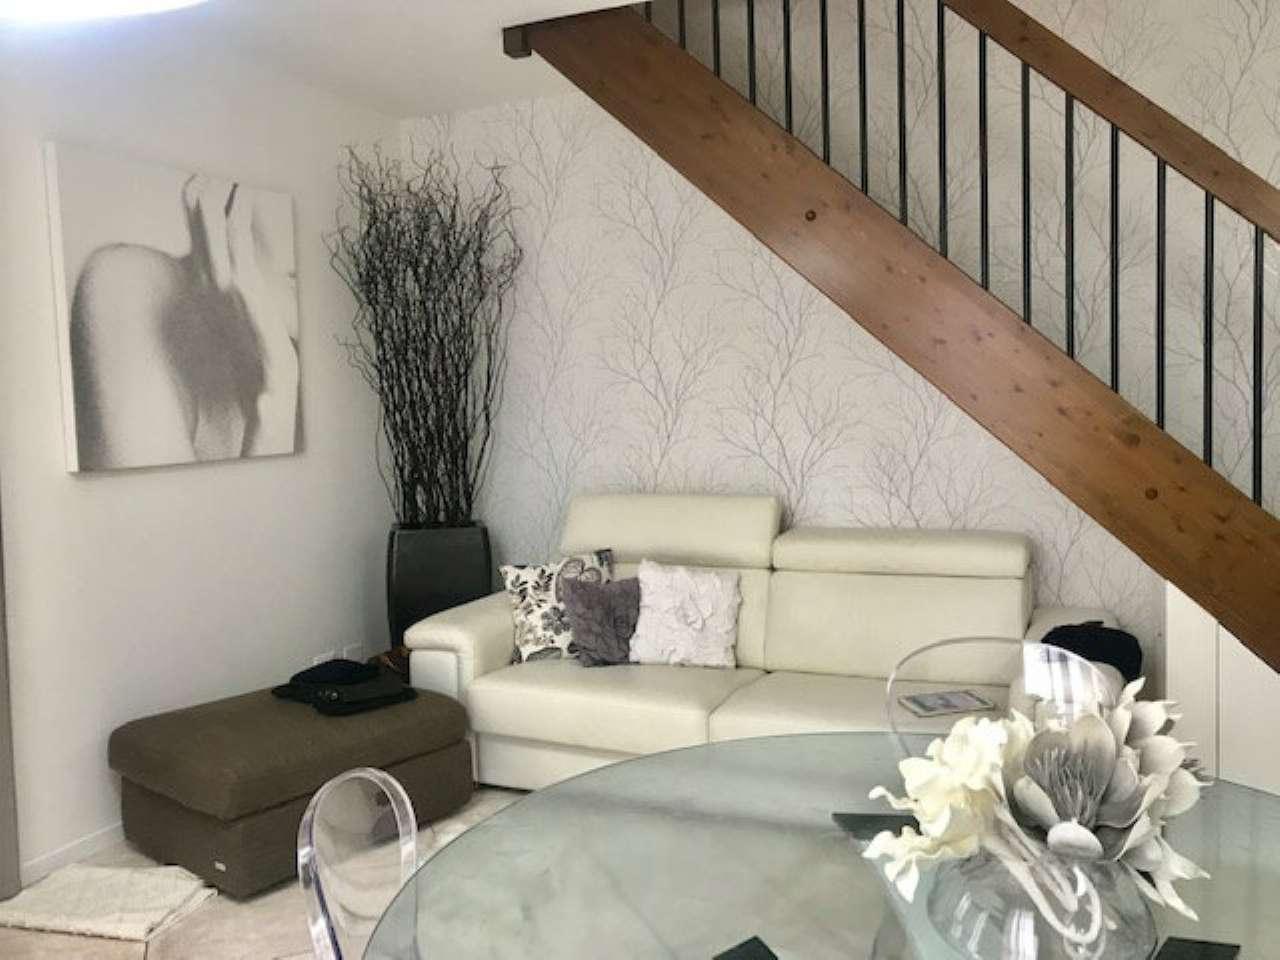 Appartamento in vendita a Casalgrande, 9999 locali, prezzo € 160.000 | PortaleAgenzieImmobiliari.it